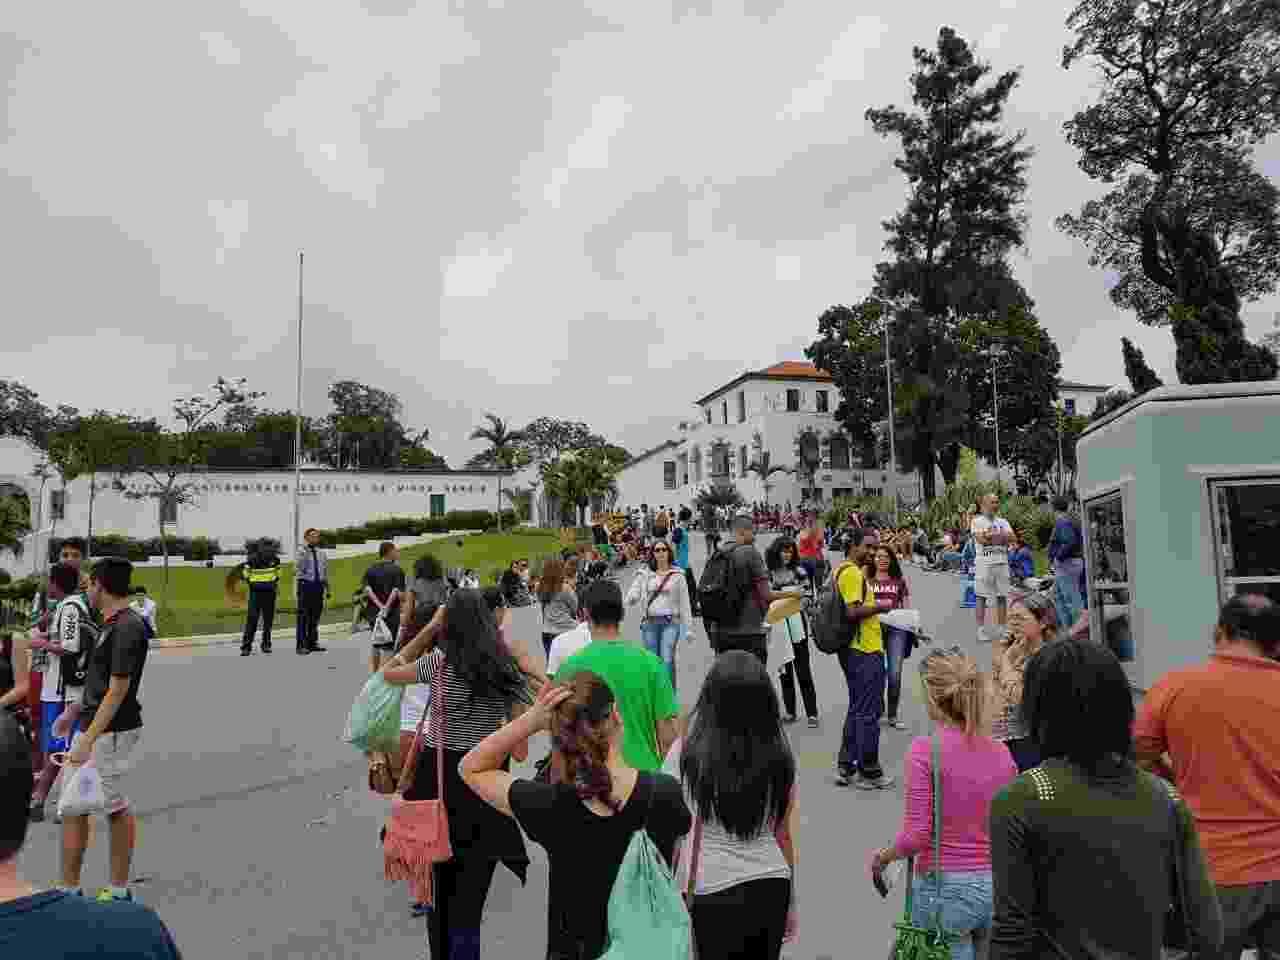 4.dez.2016 - Inscritos chegam à portaria principal da PUC-MG, no bairro Coração Eucarístico, região noroeste de Belo Horizonte - Rayder Bragon/Colaboração para o UOL